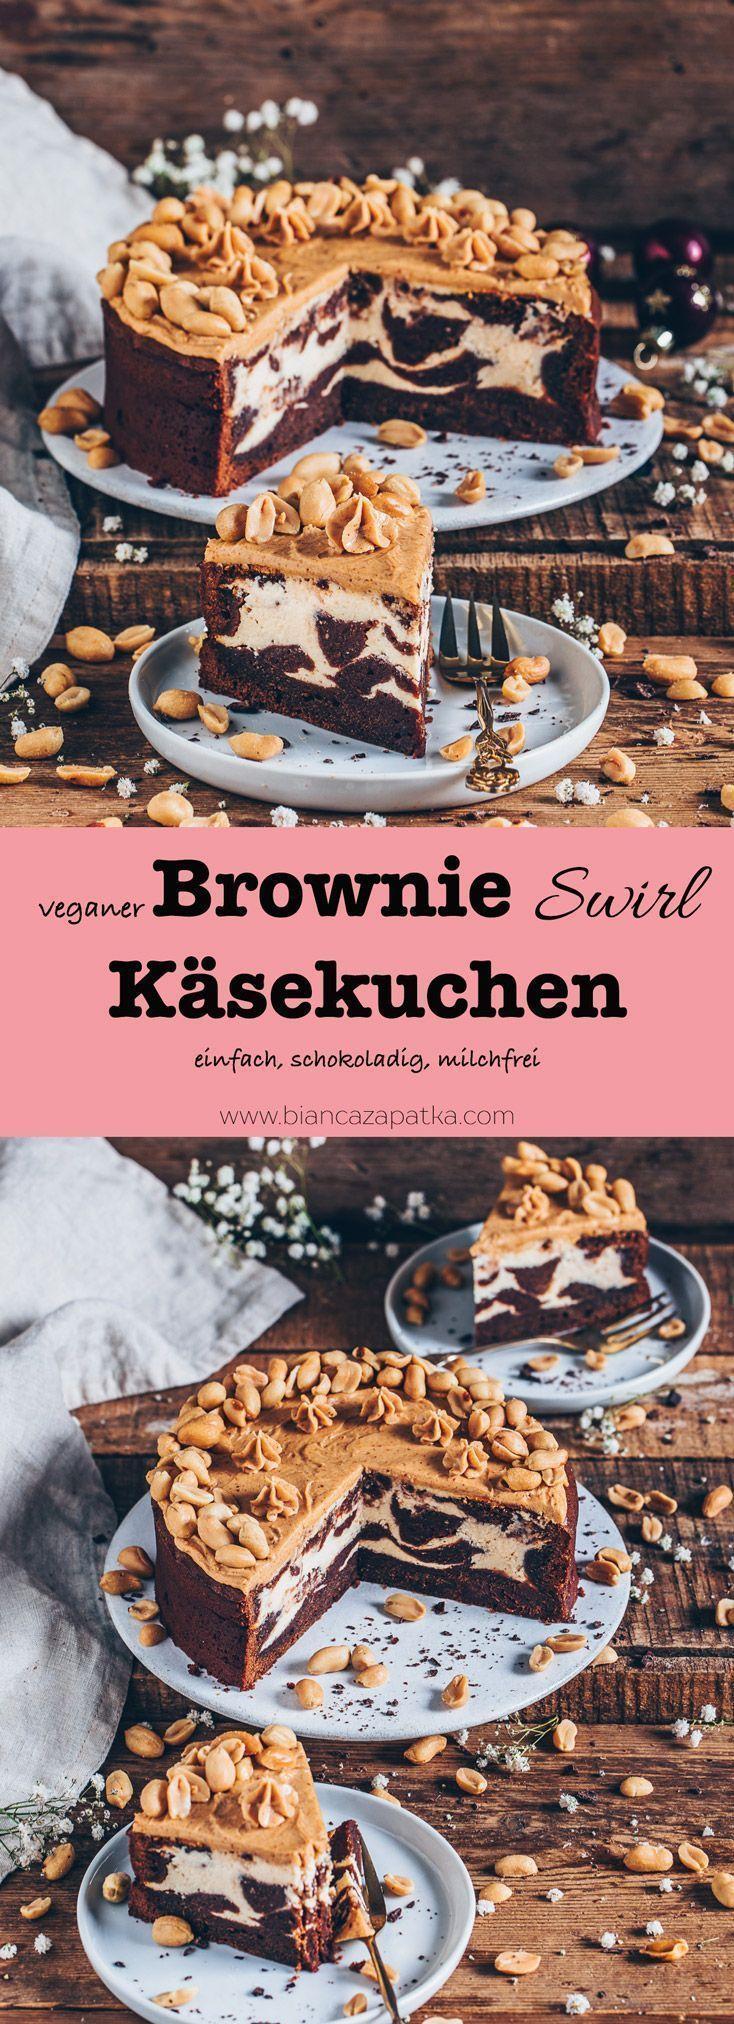 Cheesecake (Simple, Vegan) - Brownie Cheesecake végétalien - Vegetarische - (Simple, Vegan) - Brownie Cheesecake végétalien   - Vegetarische -